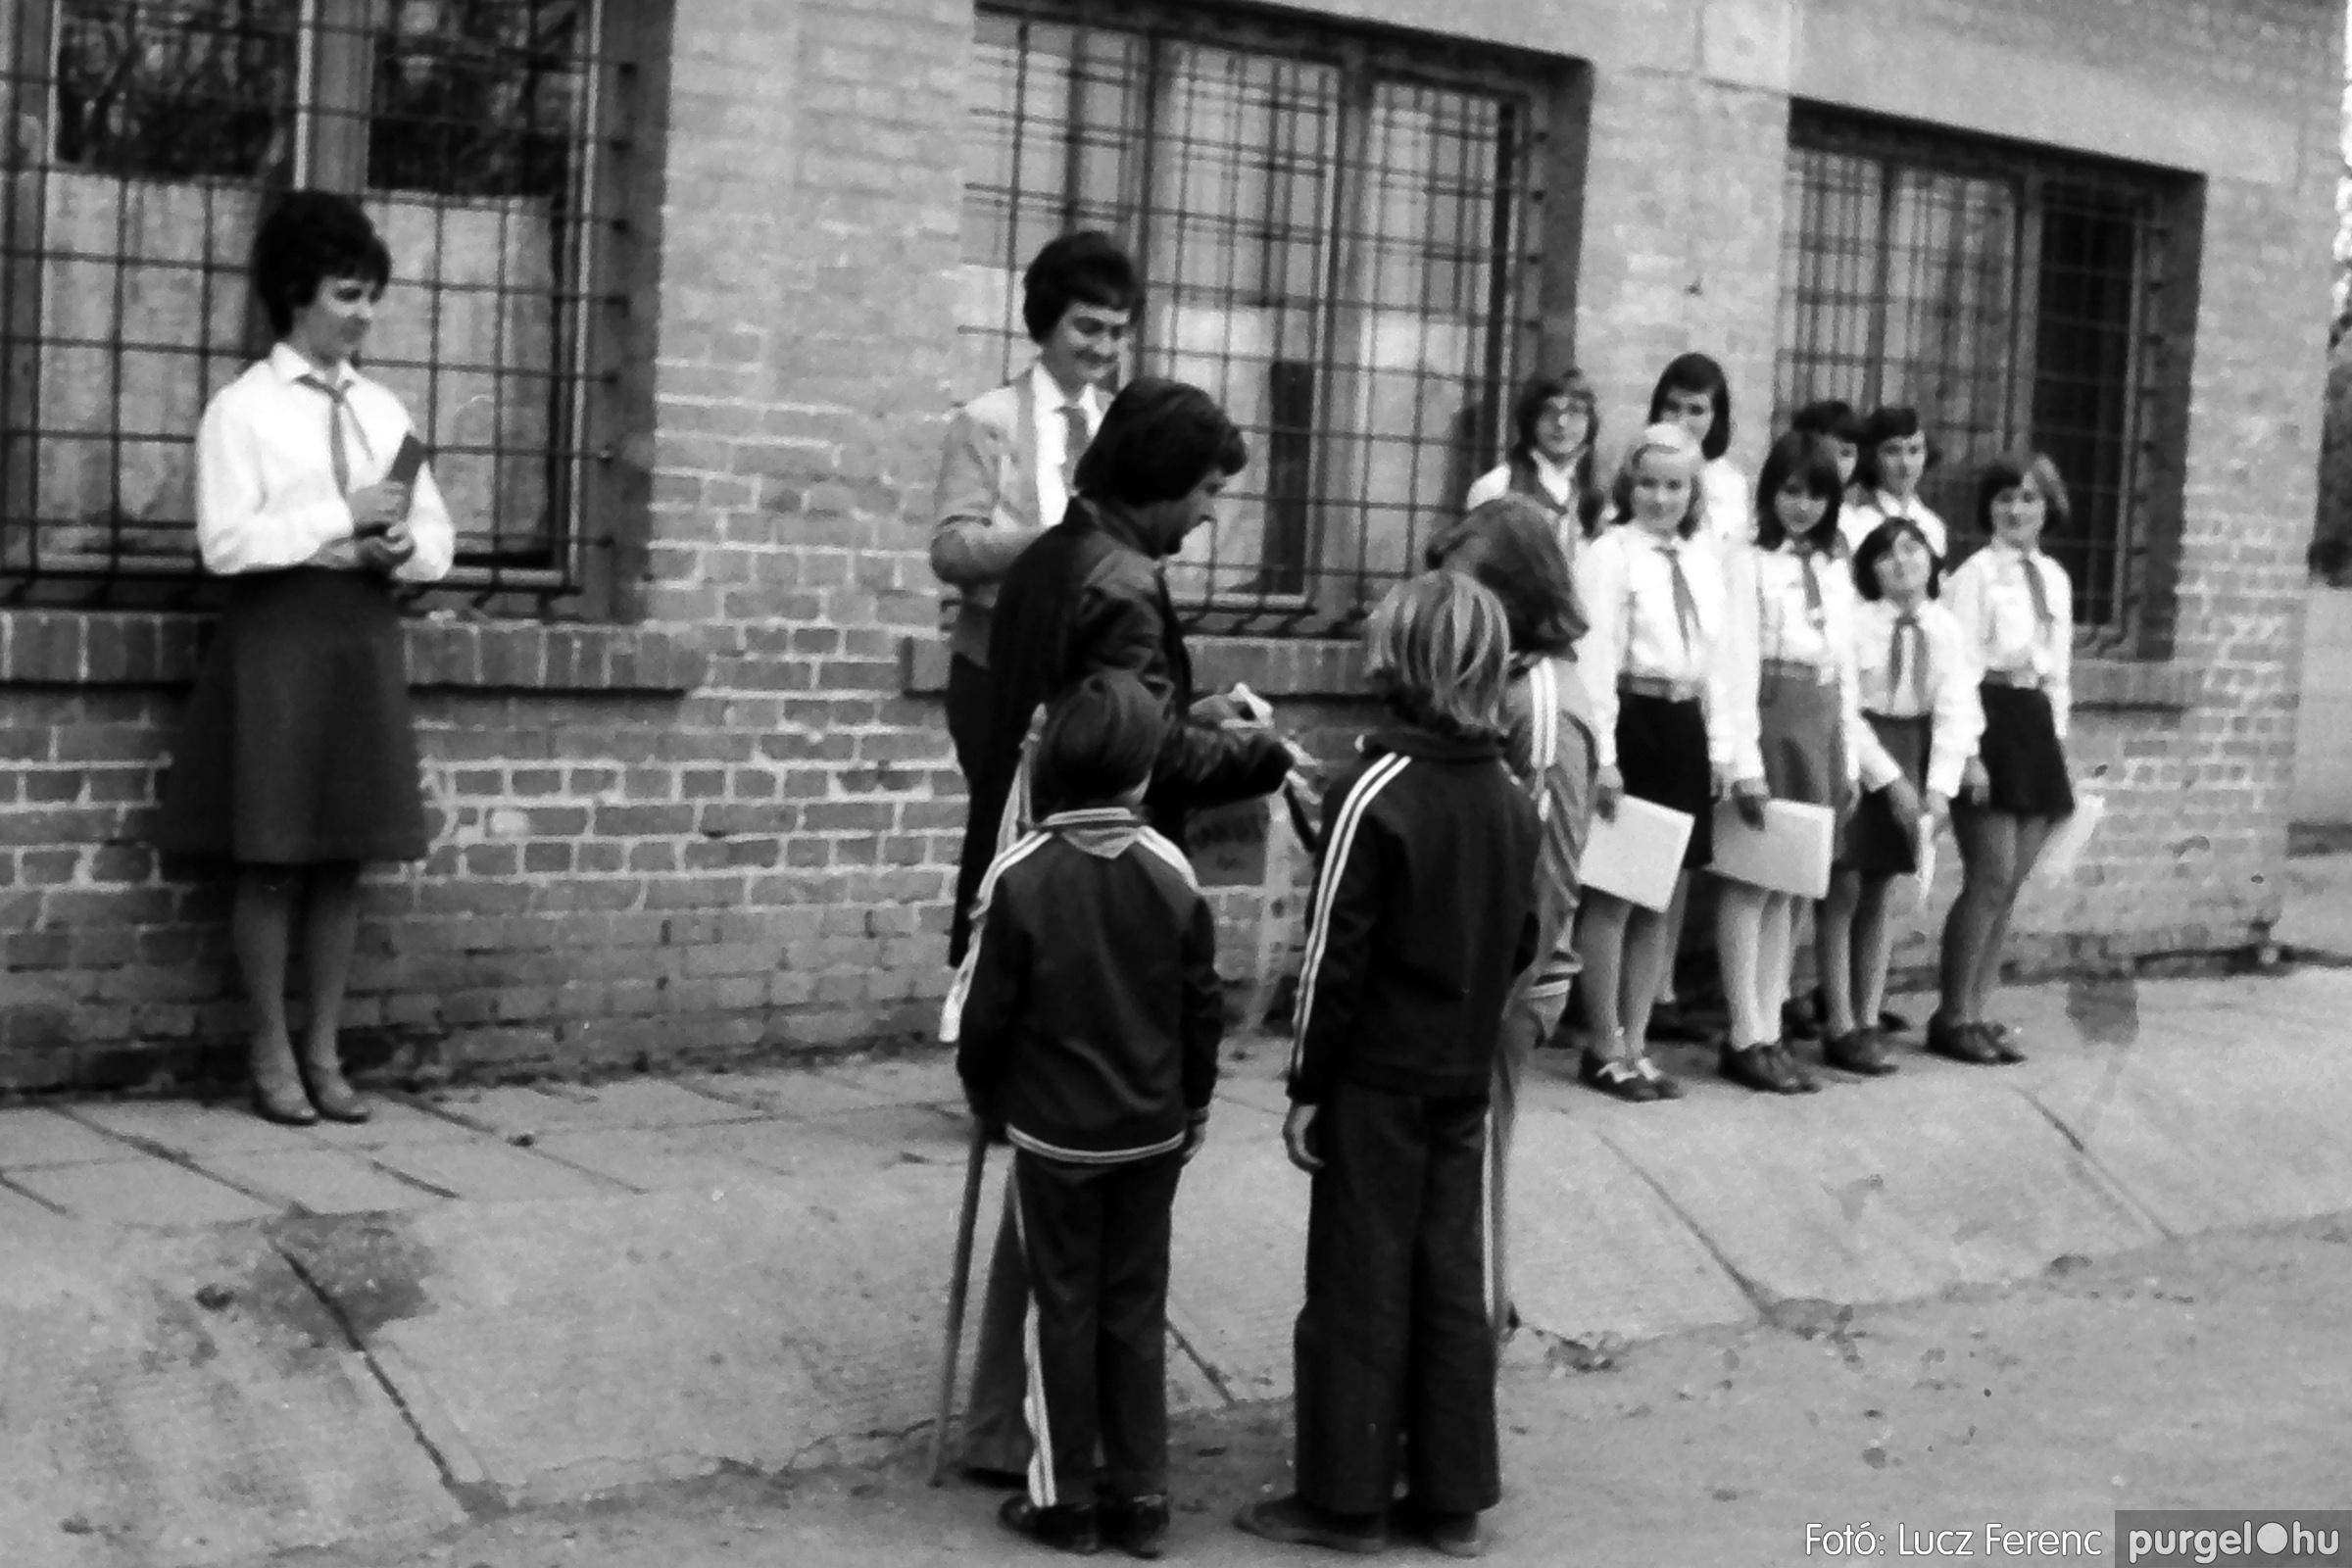 092. 1977. Úttörő rendezvény a Központi Általános Iskolában 025. - Fotó: Lucz Ferenc.jpg